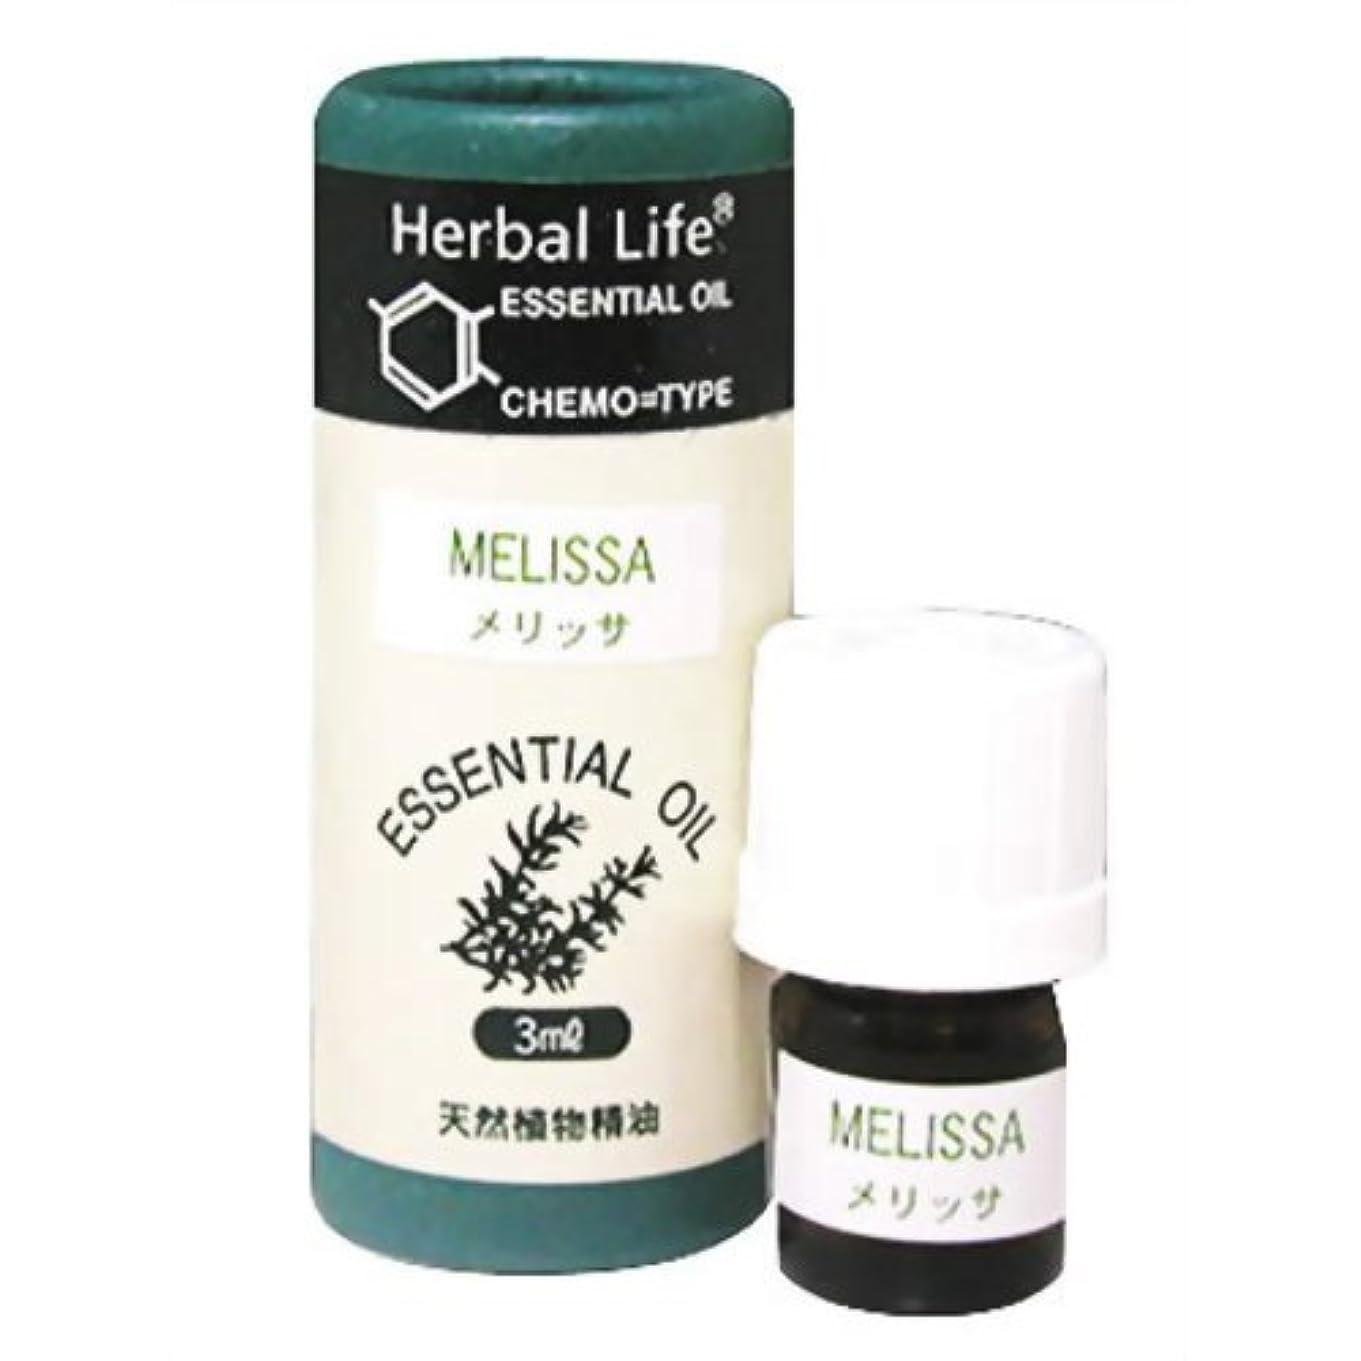 マラソンに話す芽Herbal Life メリッサ 3ml